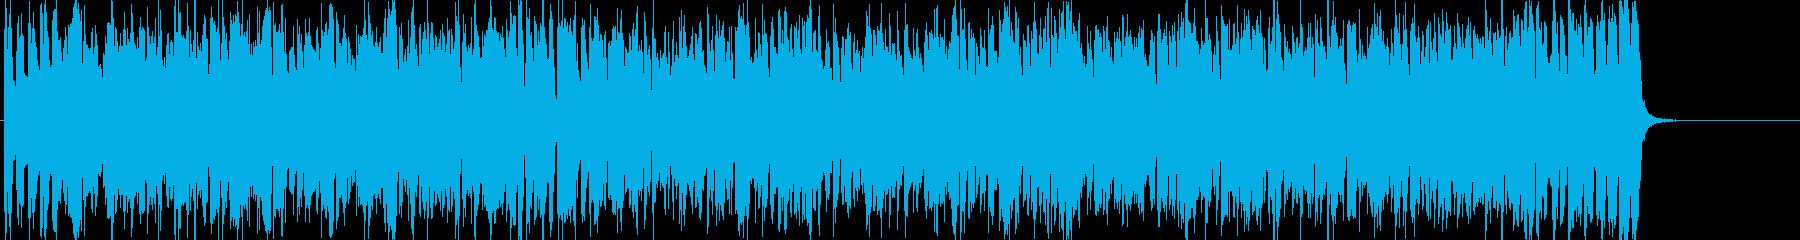 元気 空 前進 オープニング テーマの再生済みの波形